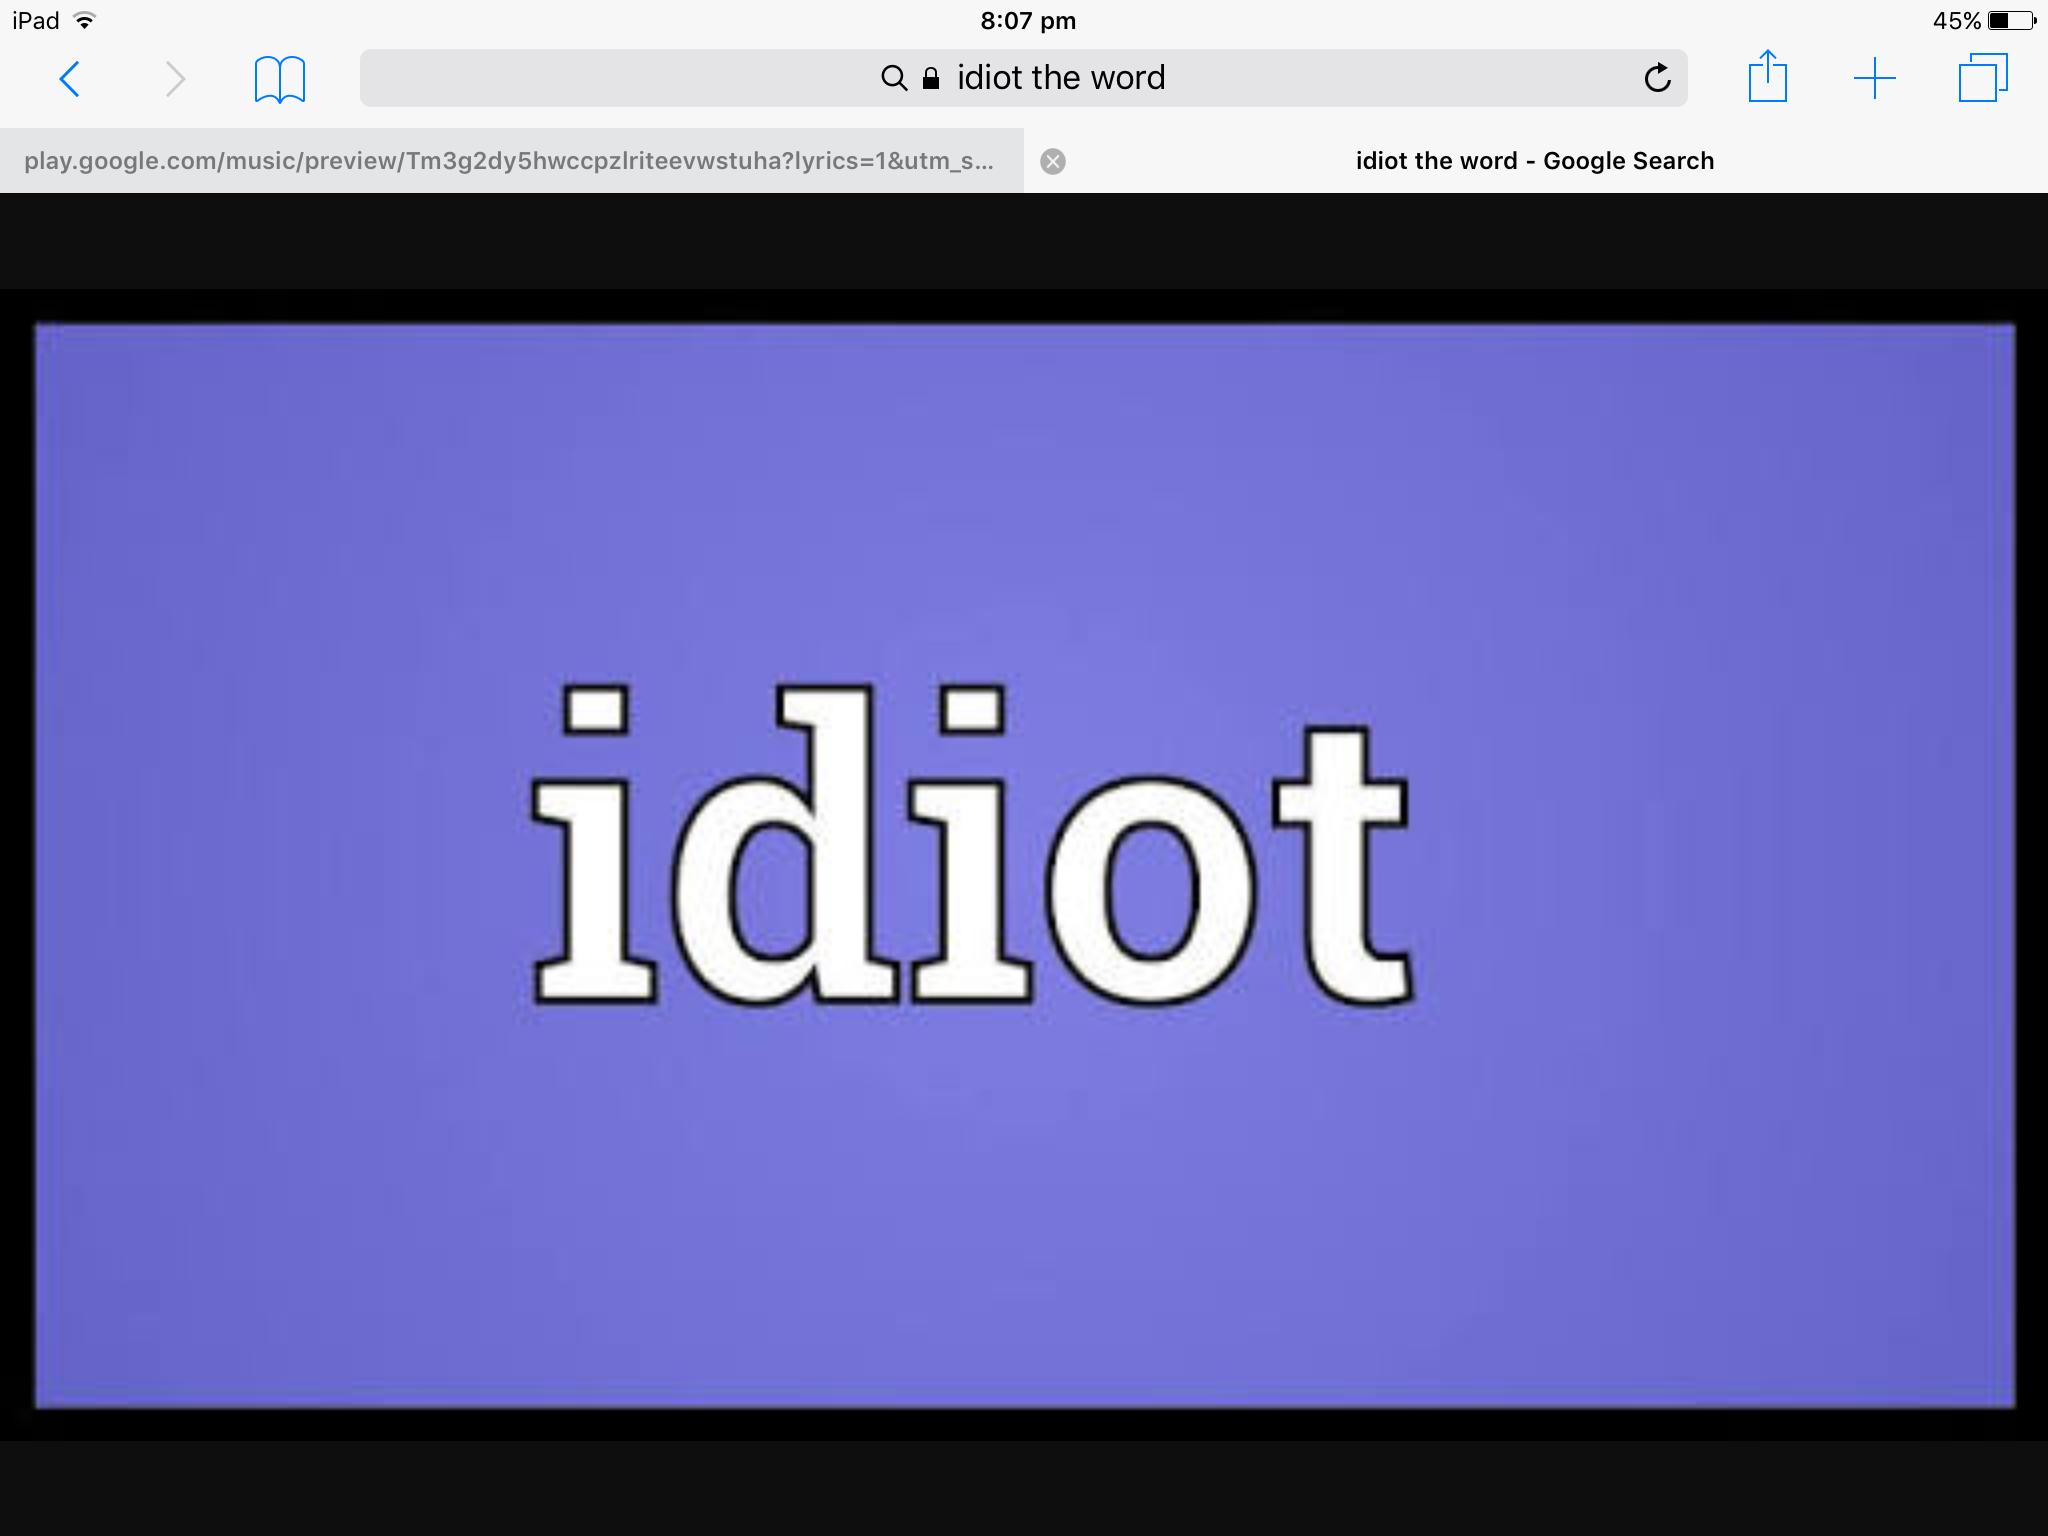 idiot - photo #4